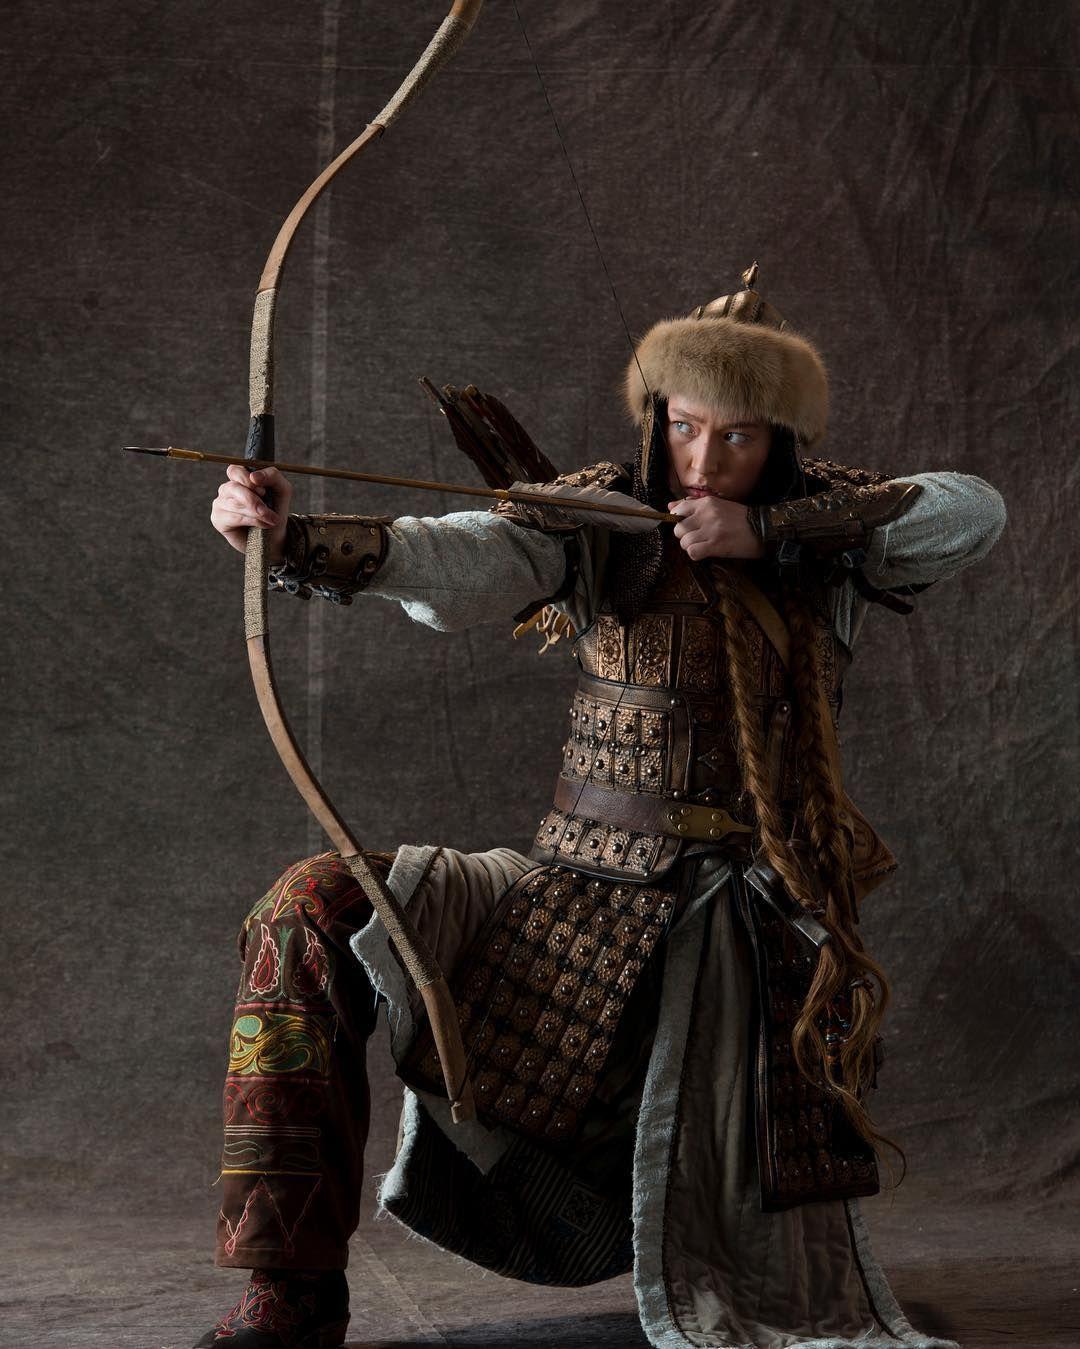 легендарные лучники фото помощью шнура колышков